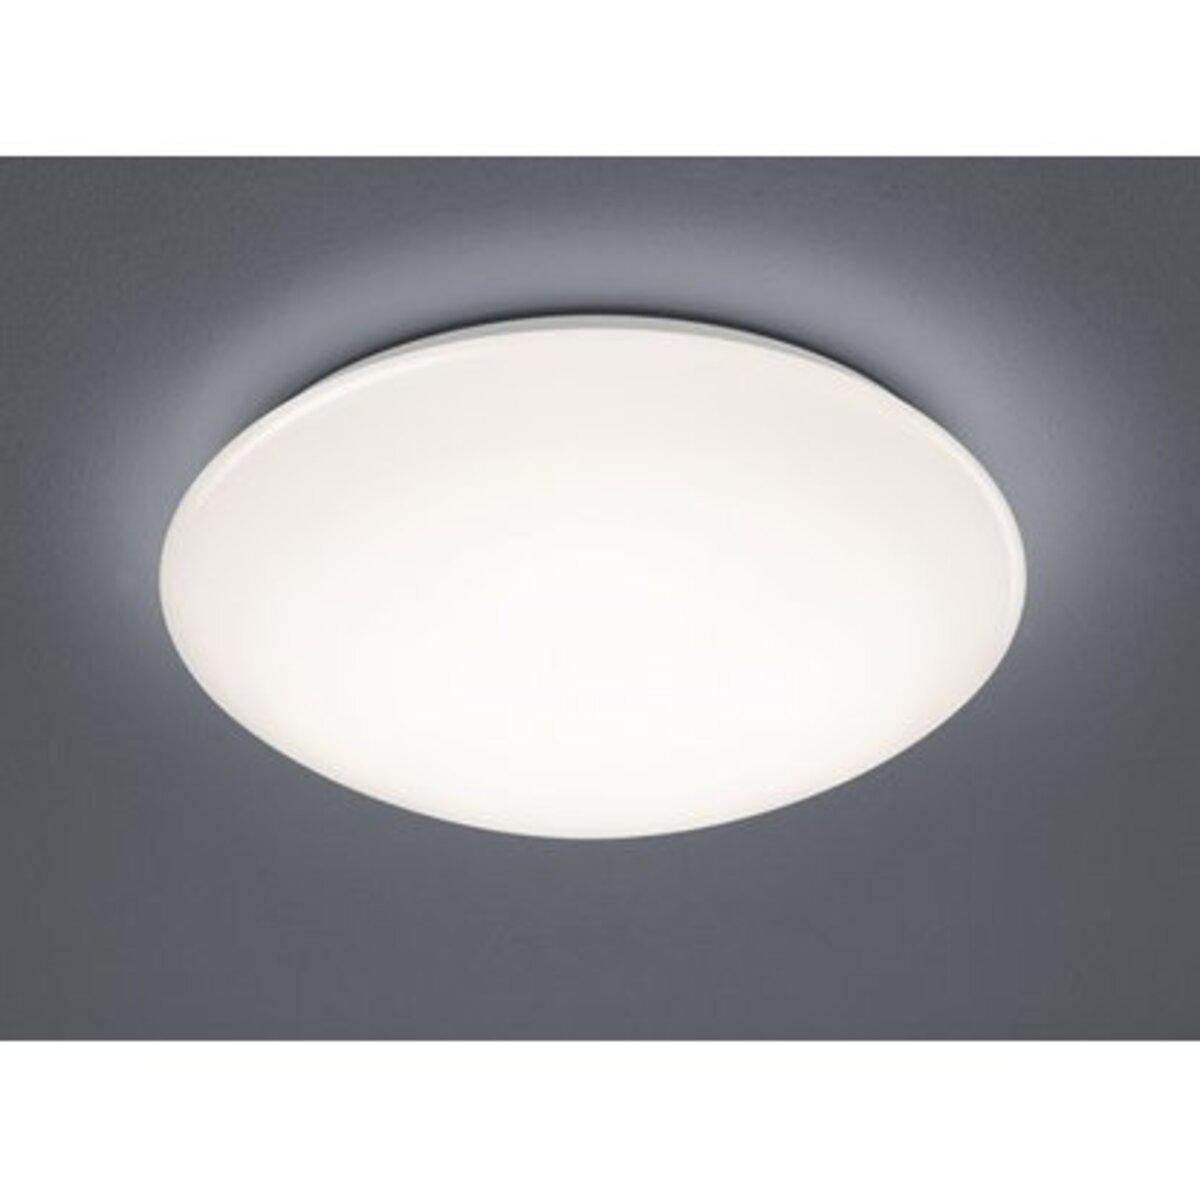 Bild 1 von Trio LED-Deckenleuchte Pollux Weiß Ø 40 cm EEK: A+